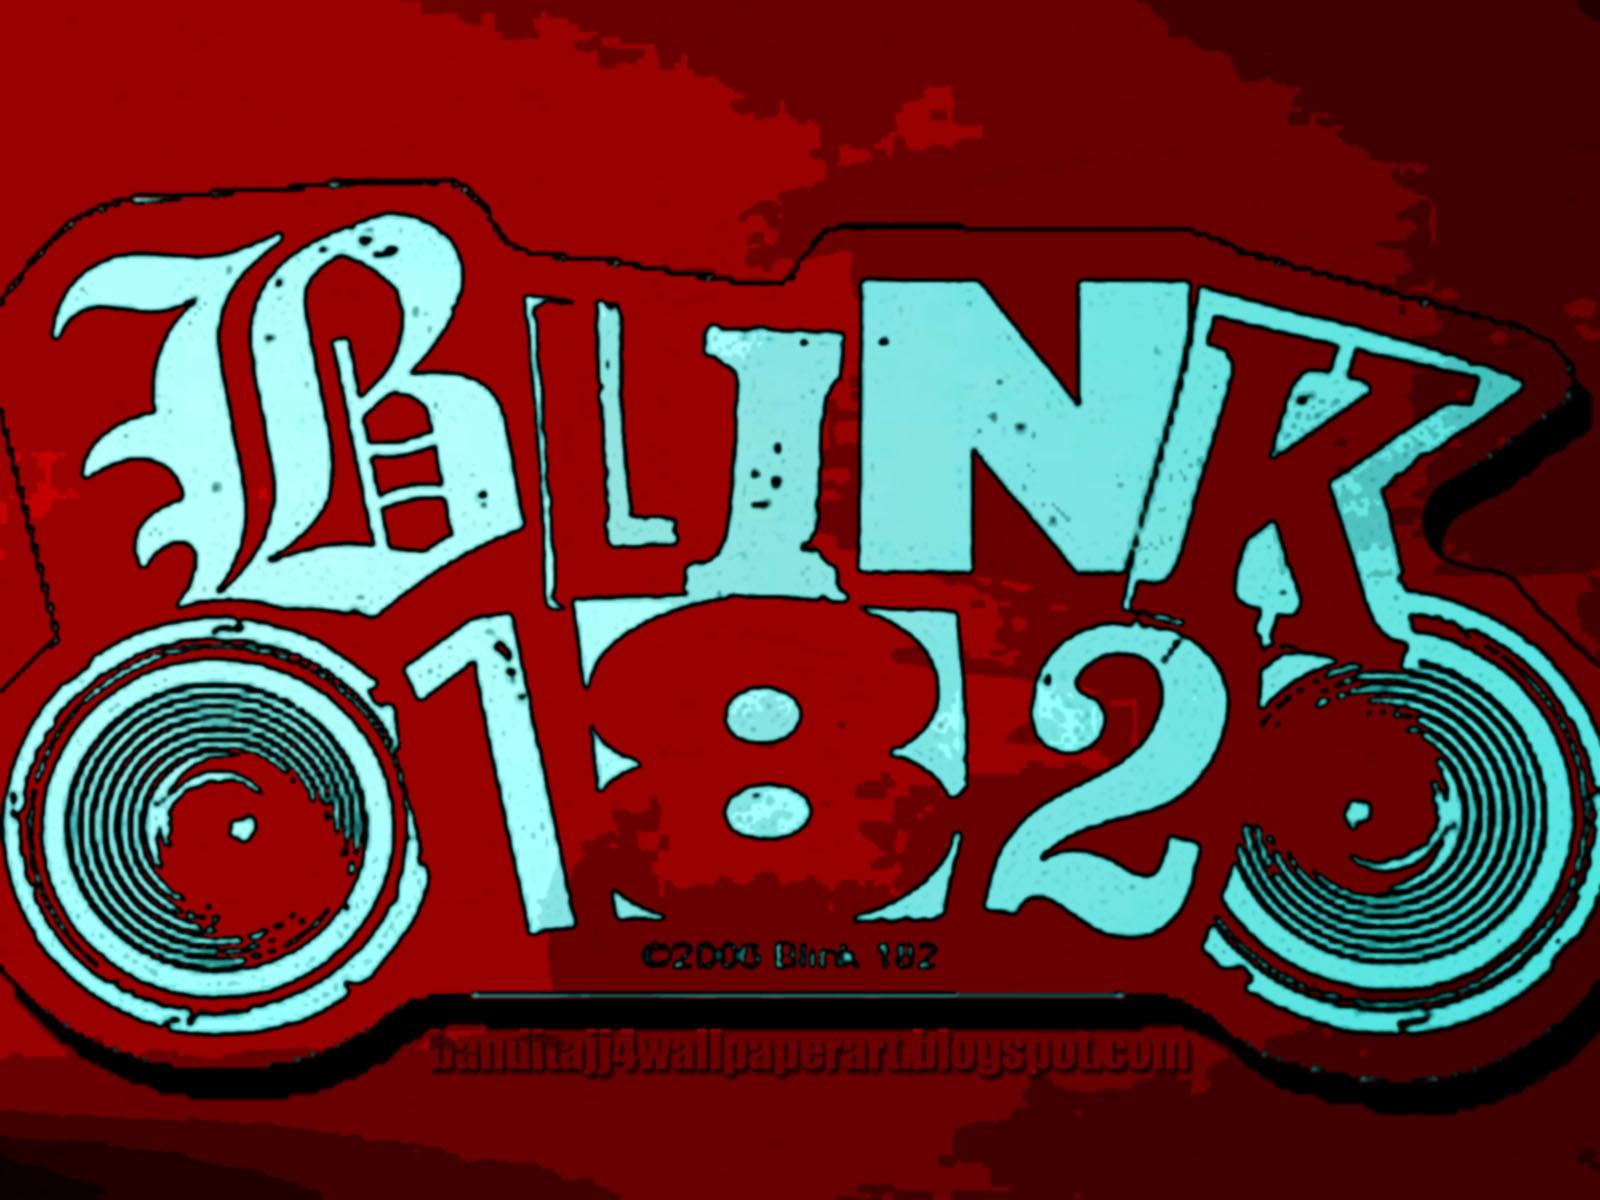 http://3.bp.blogspot.com/-SQ_bxhtxRMQ/Ttau4qNEK7I/AAAAAAAAA7A/ccNbFeaUOTc/s1600/Blink182--1600x1200-By-Banditajj4-wallpaper-art.jpg